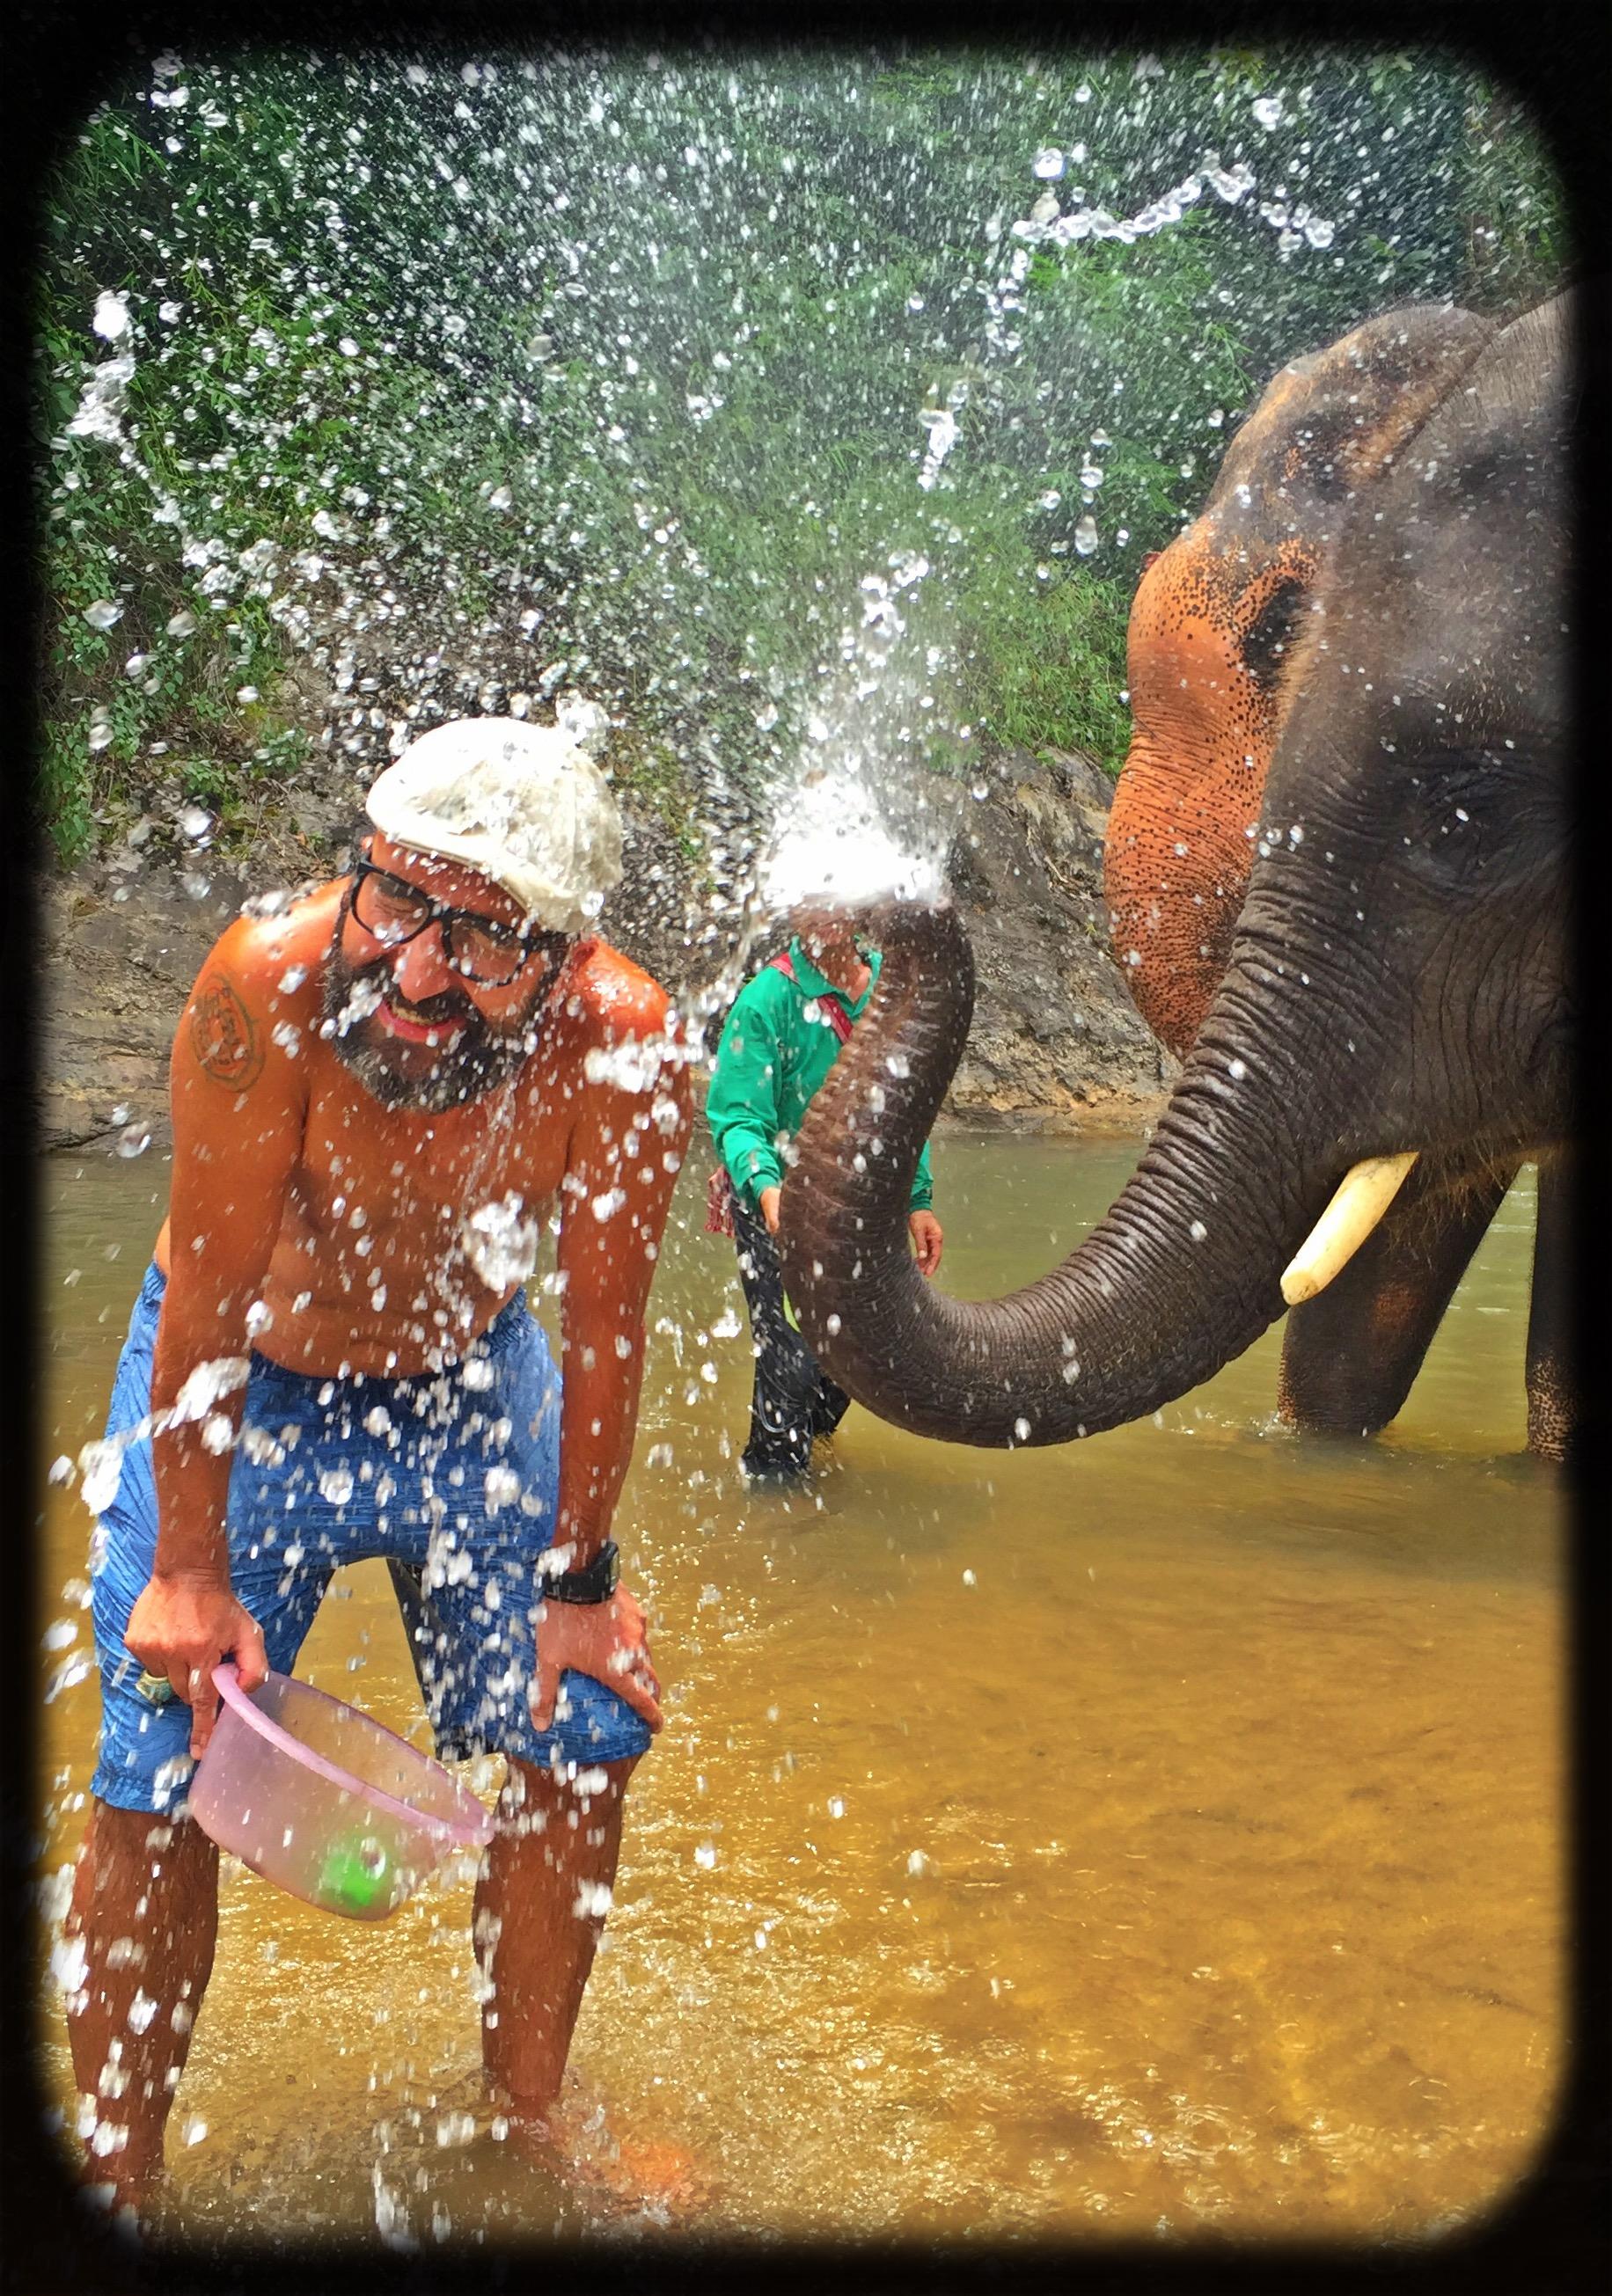 Reisen macht froh - der Reiseblog für Individualreisende